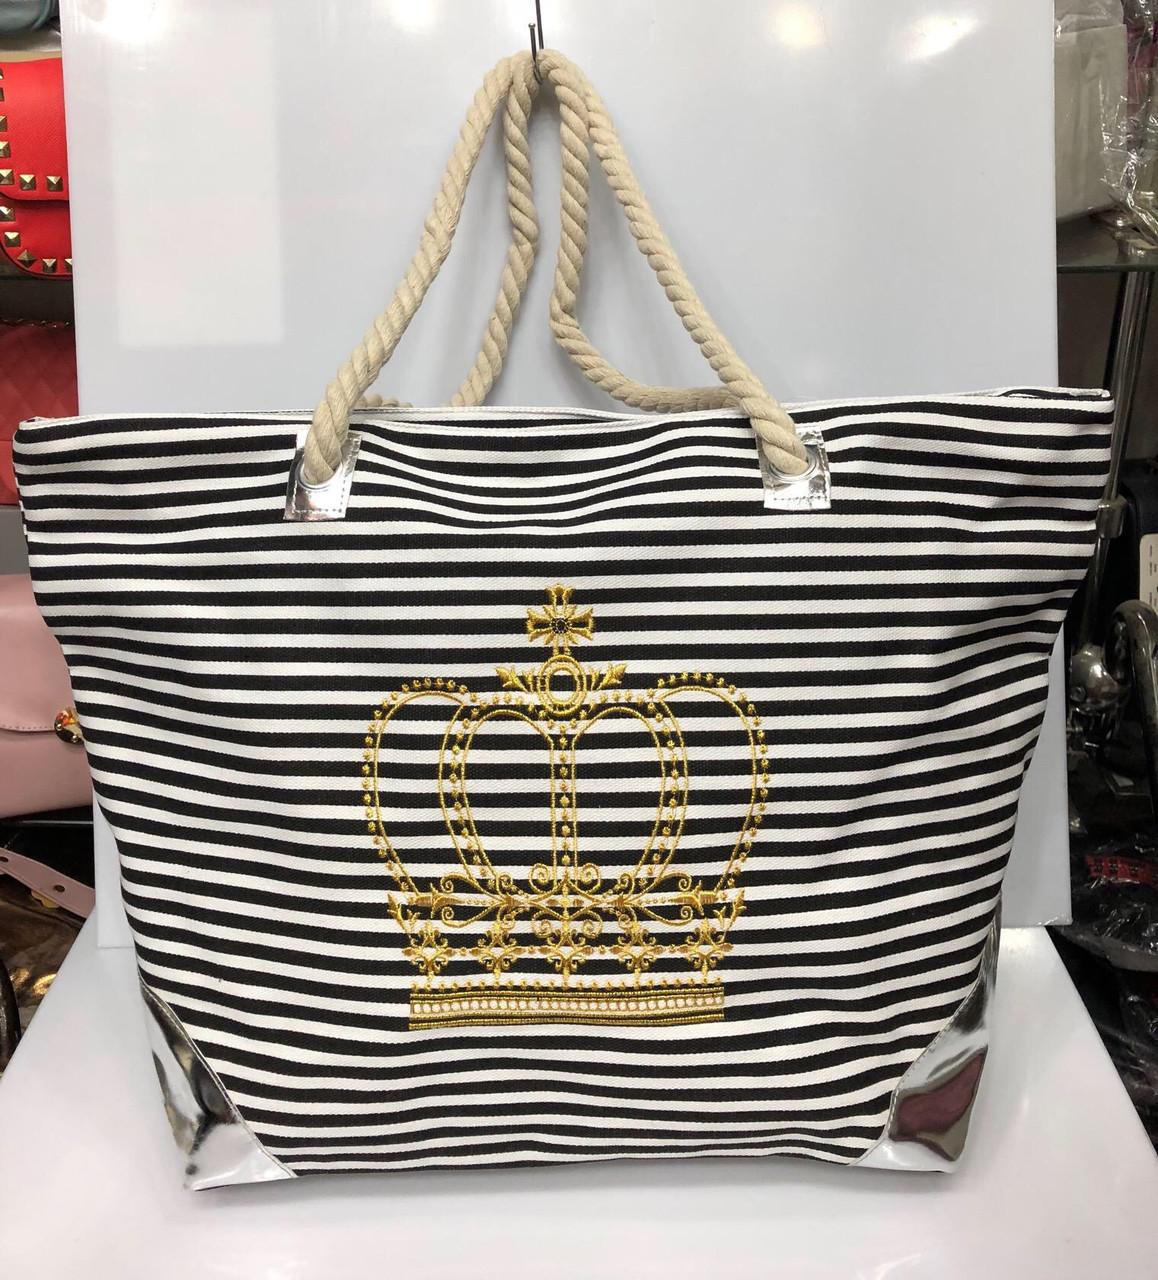 Пляжная сумка на канатах Золотая корона